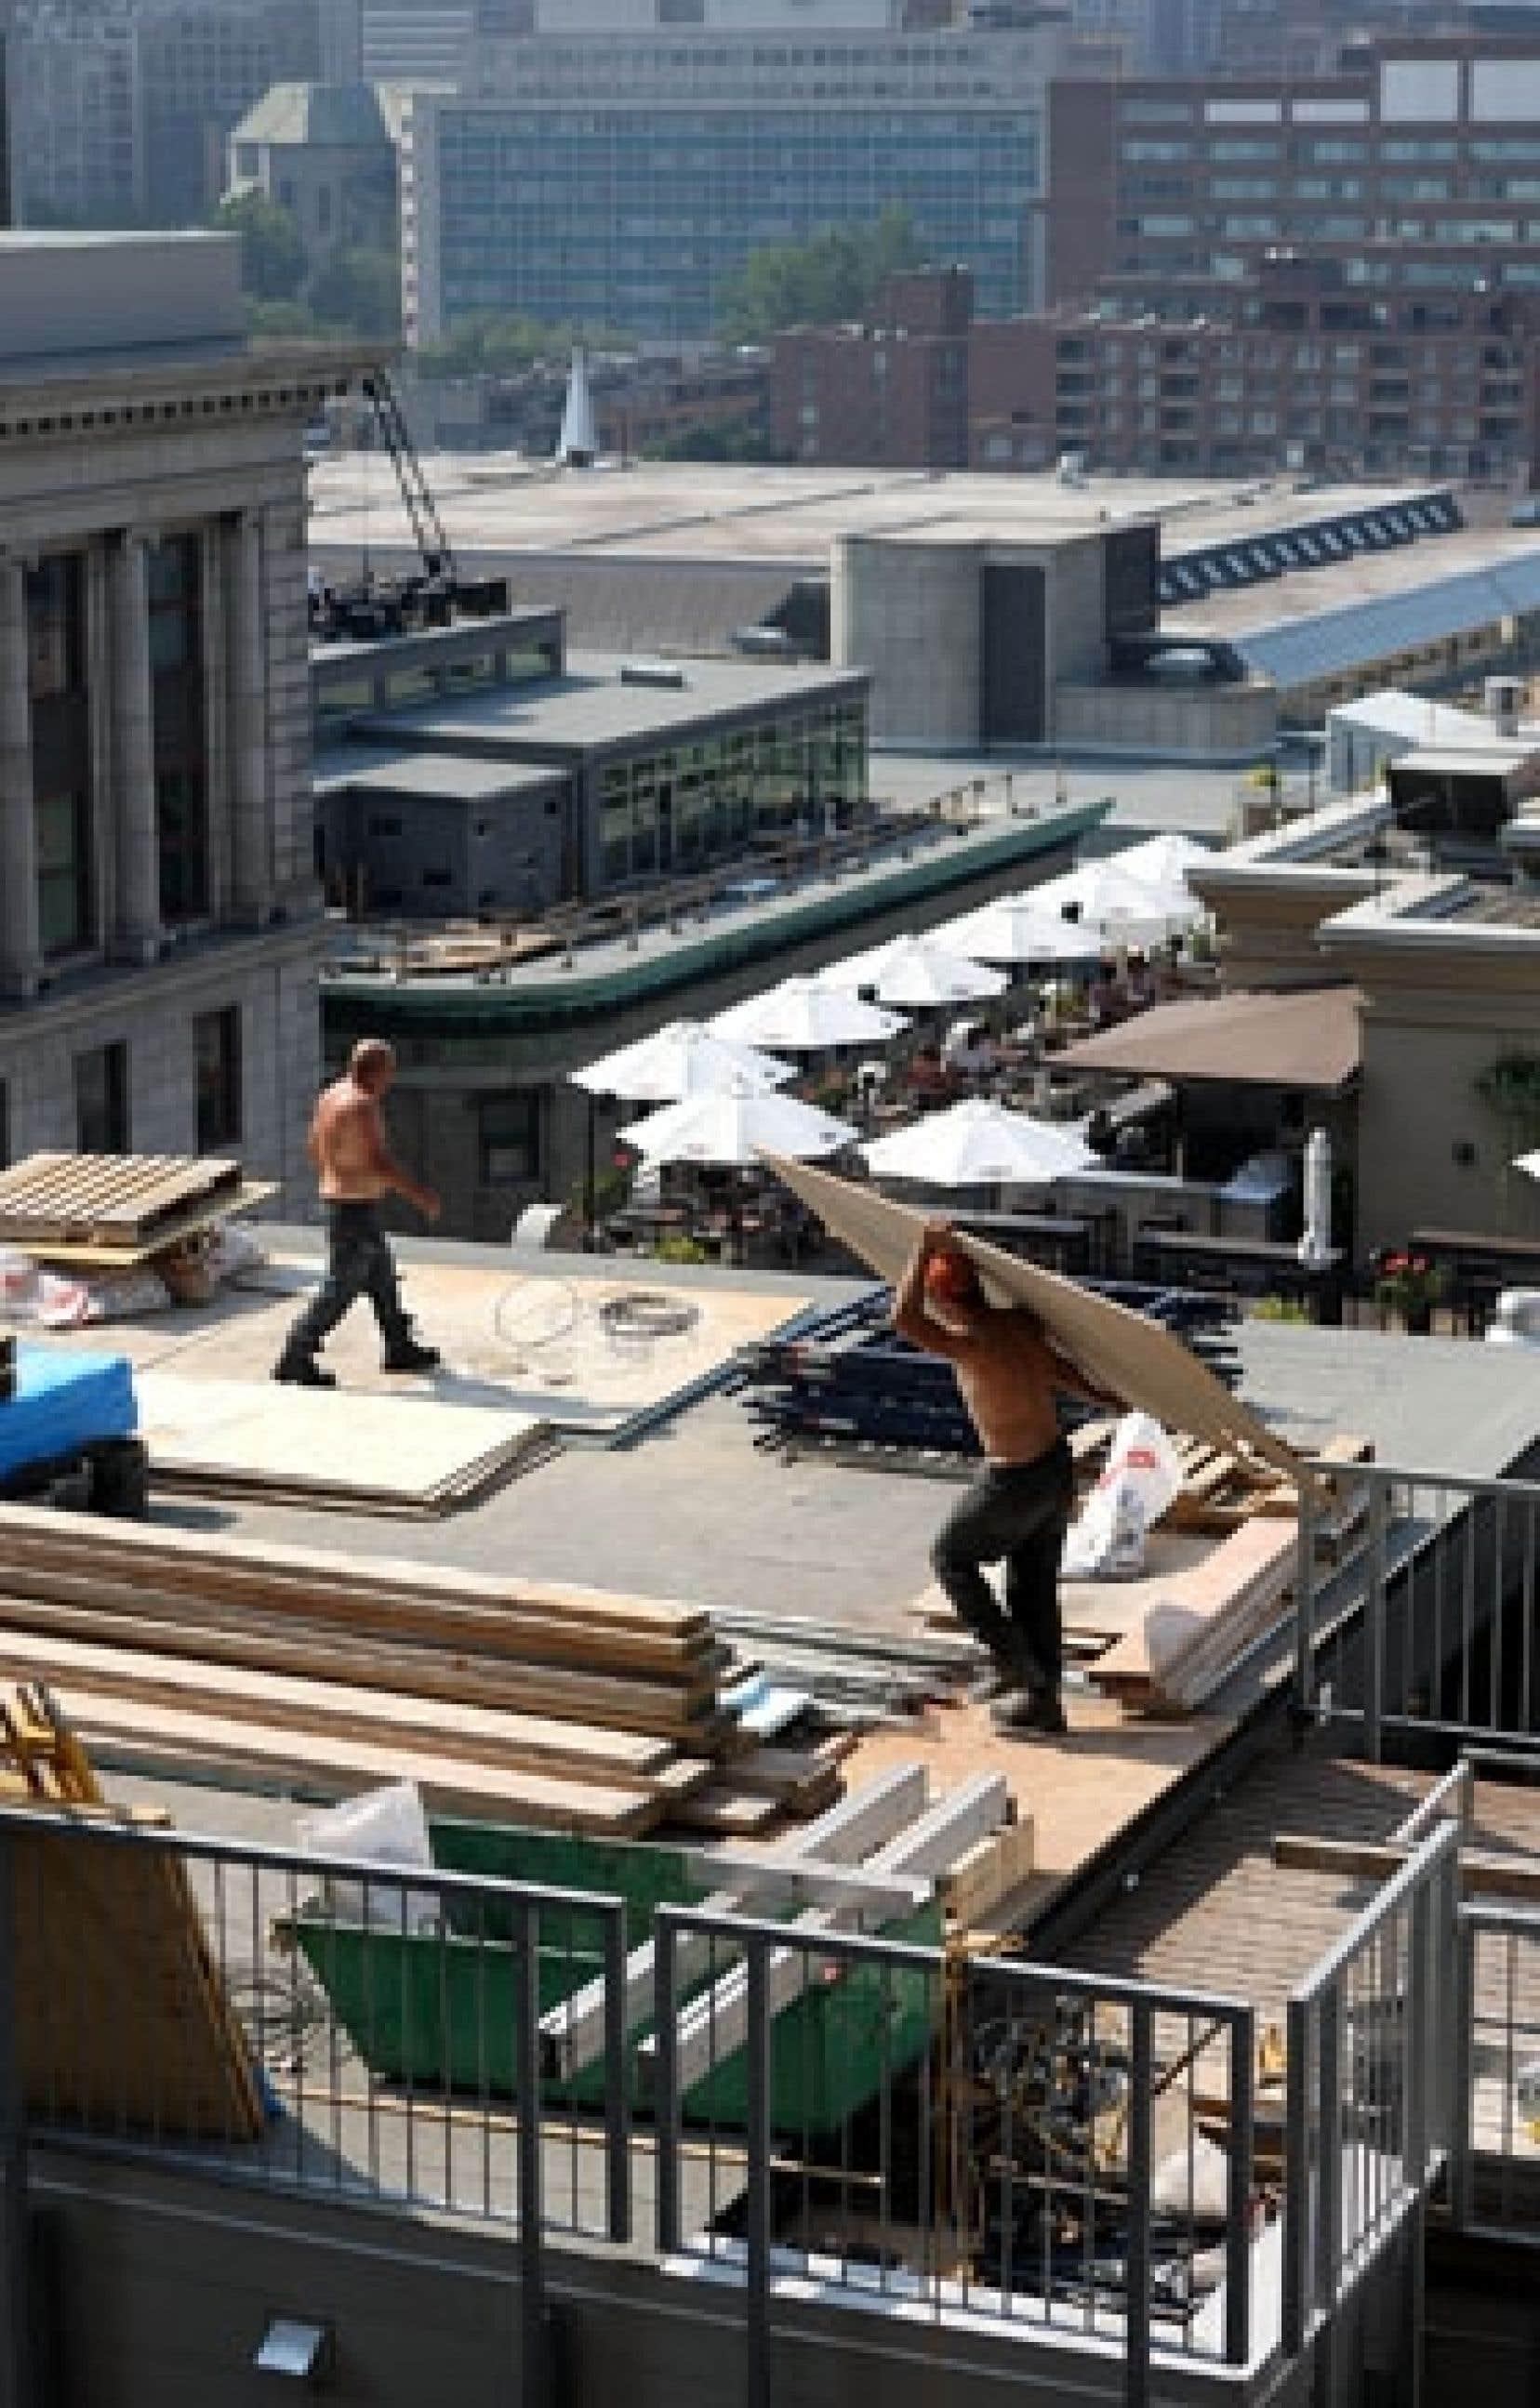 La valeur des permis de bâtir a crû dans six provinces en juillet. Les plus fortes augmentations ont été enregistrées au Québec.